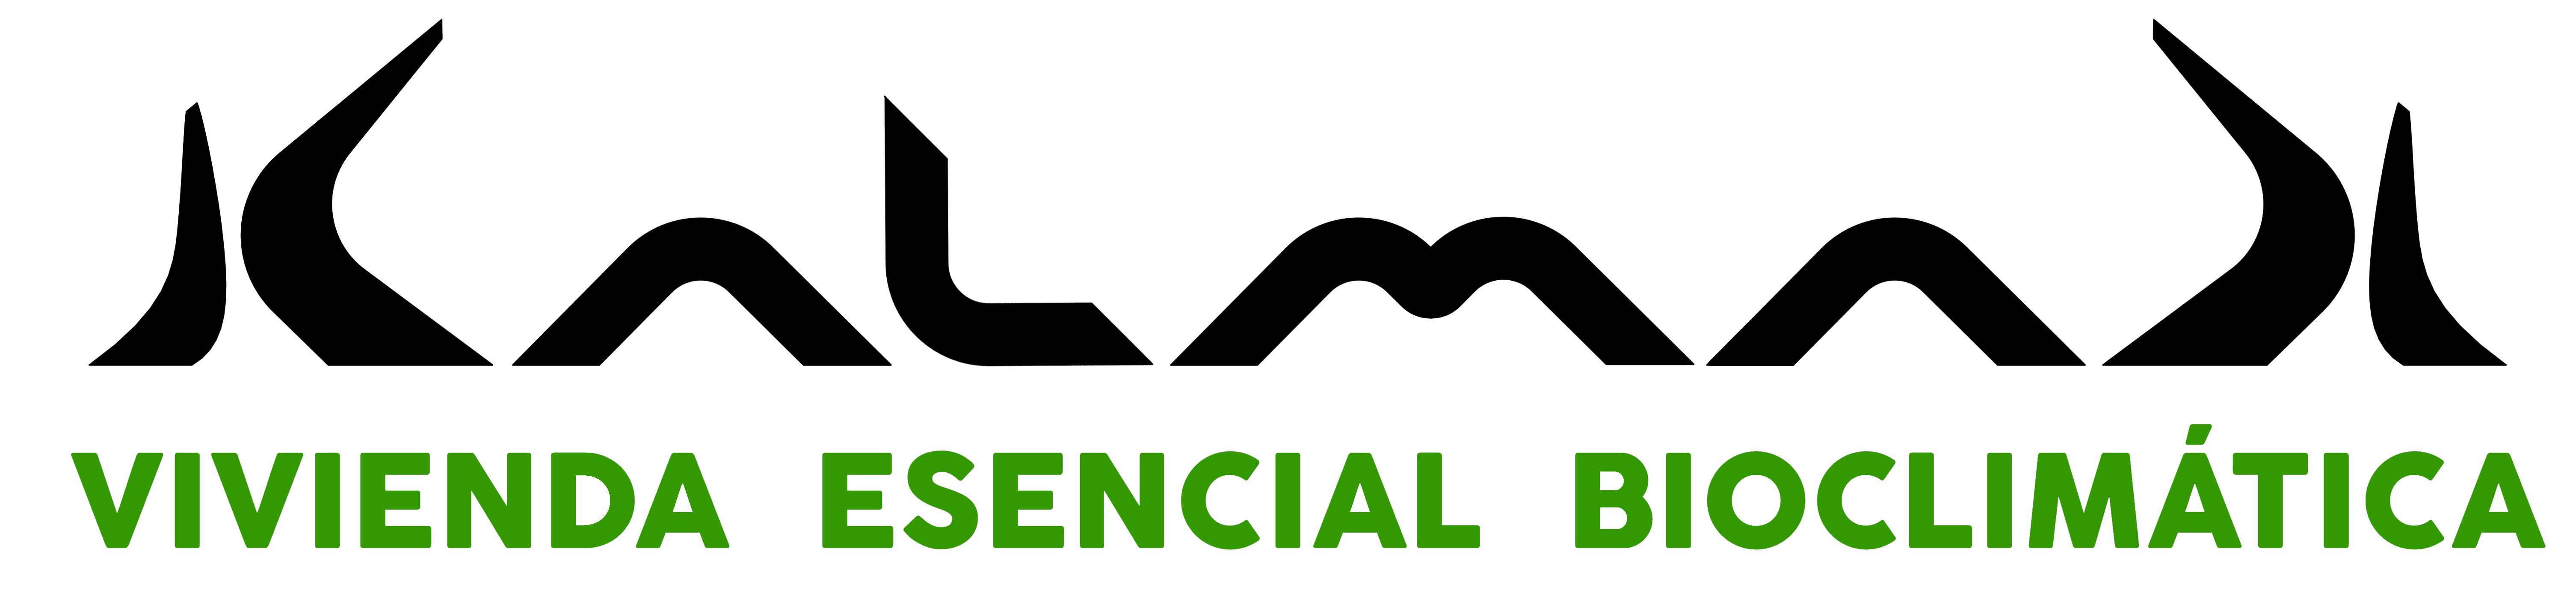 Vivienda Esencial Bioclimática